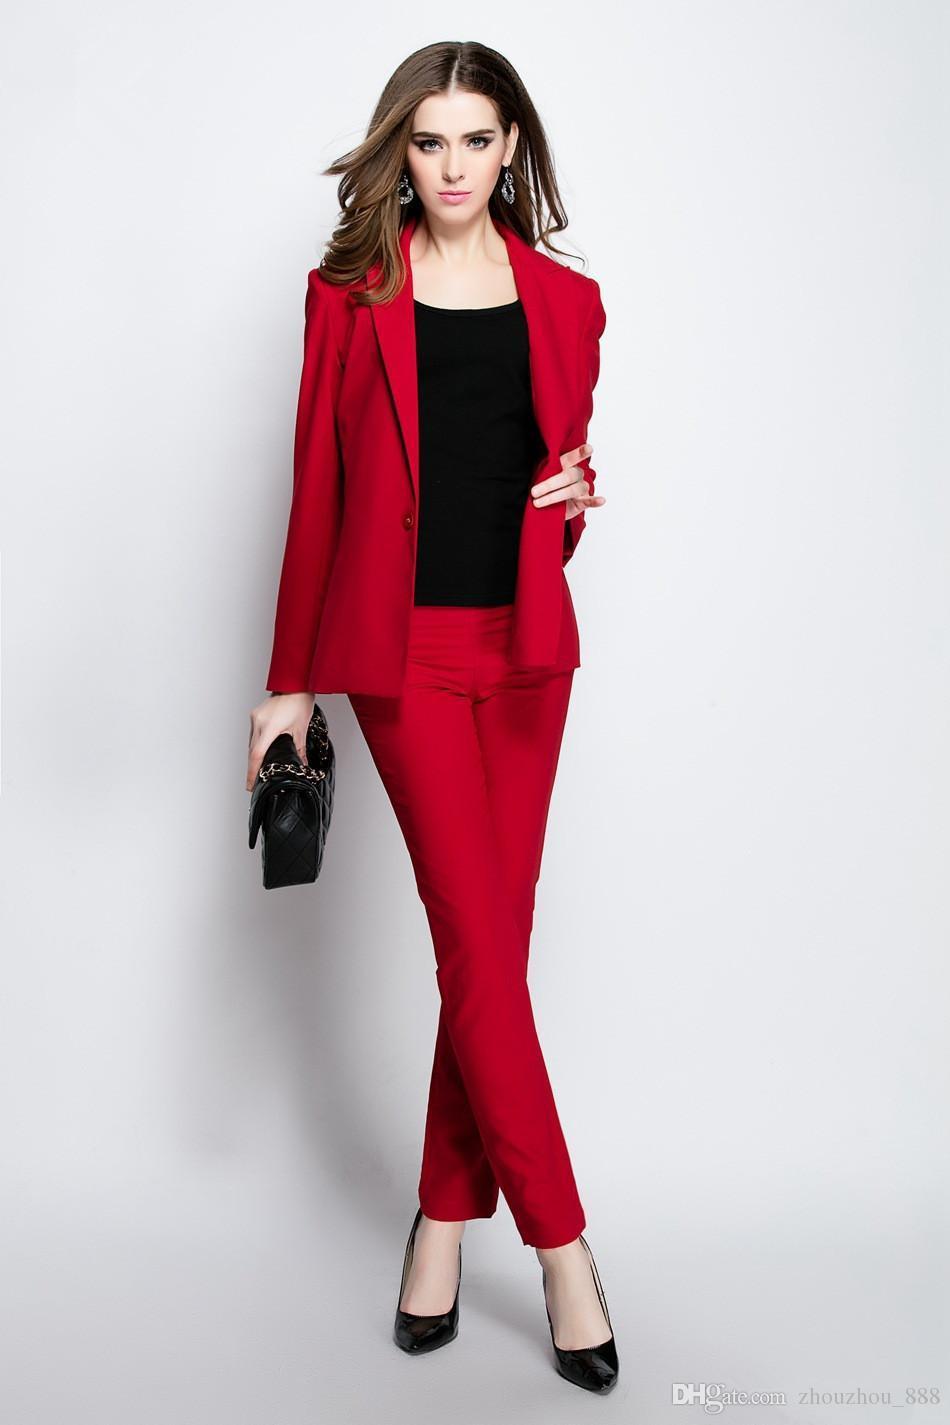 mejor servicio a962f 9b0b3 Compre Chaqueta + Pantalones Trajes De Negocios Para Mujeres Negro Y Rojo  Mujer Uniforme De Oficina Señoras Invierno Trajes Formales 2 Piezas ...